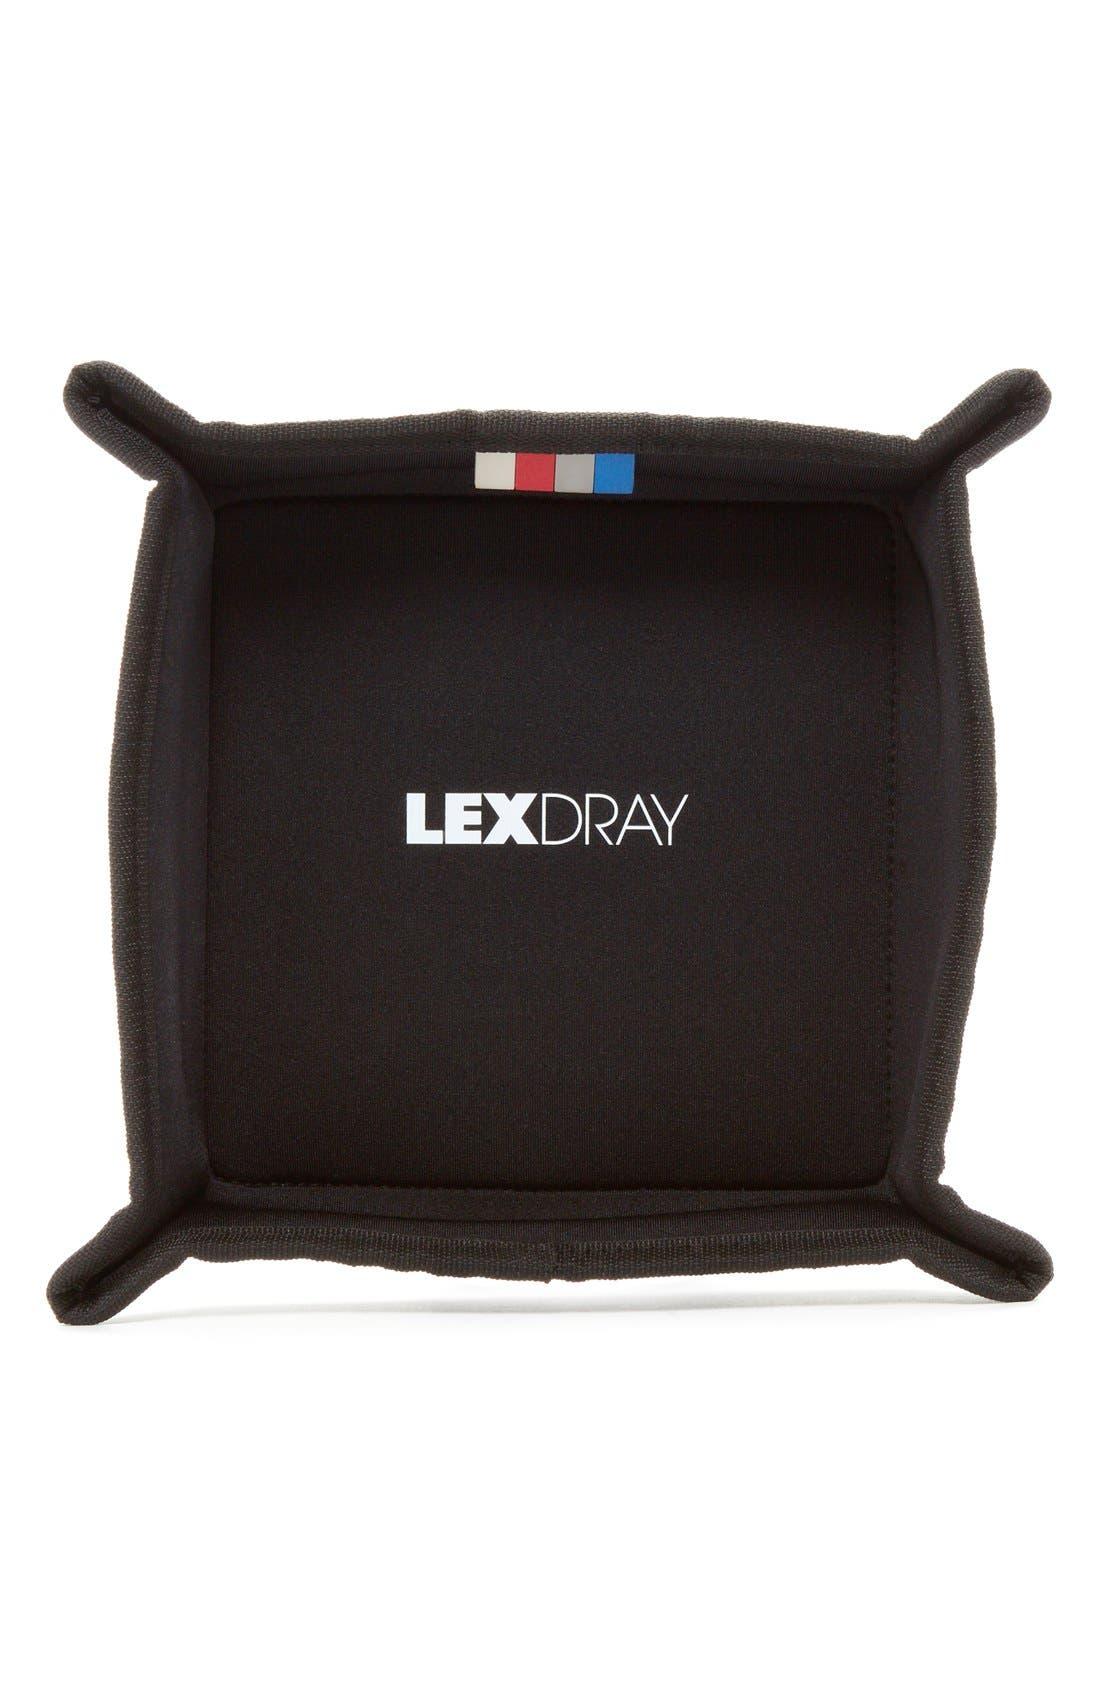 LEXDRAY 'Lisbon' Travel Tray, Main, color, 001